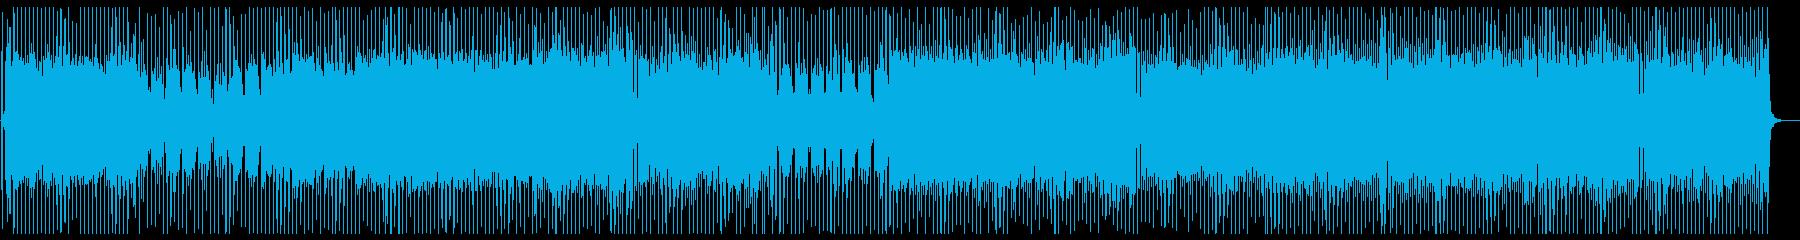 チップチューン 四つ打ちロック 軽快の再生済みの波形